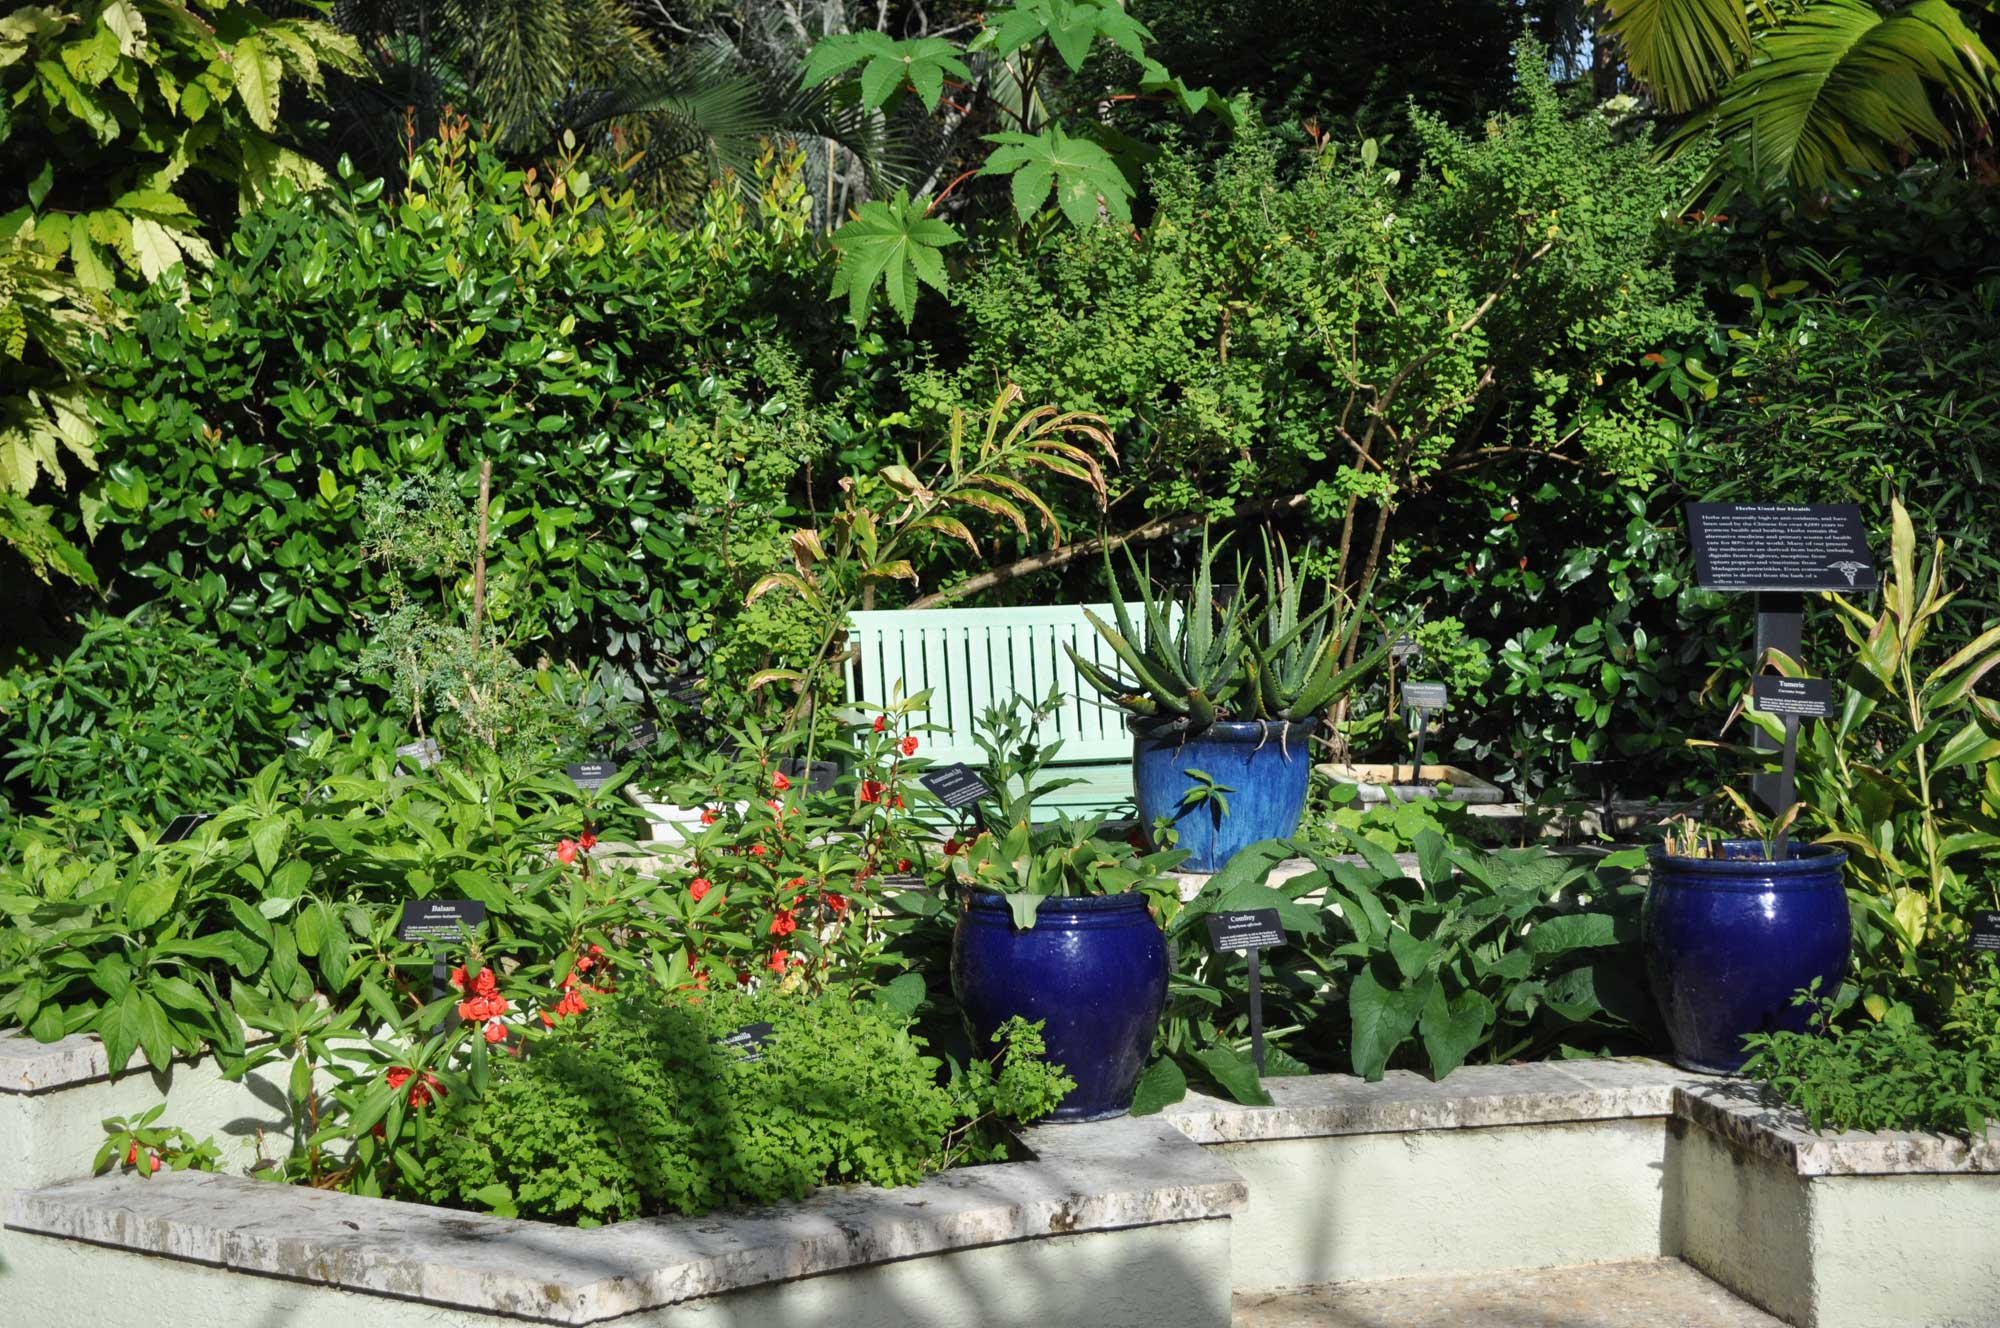 Our Kitchen Garden Garden Of Well Being Mounts Botanical Gardenmounts Botanical Garden